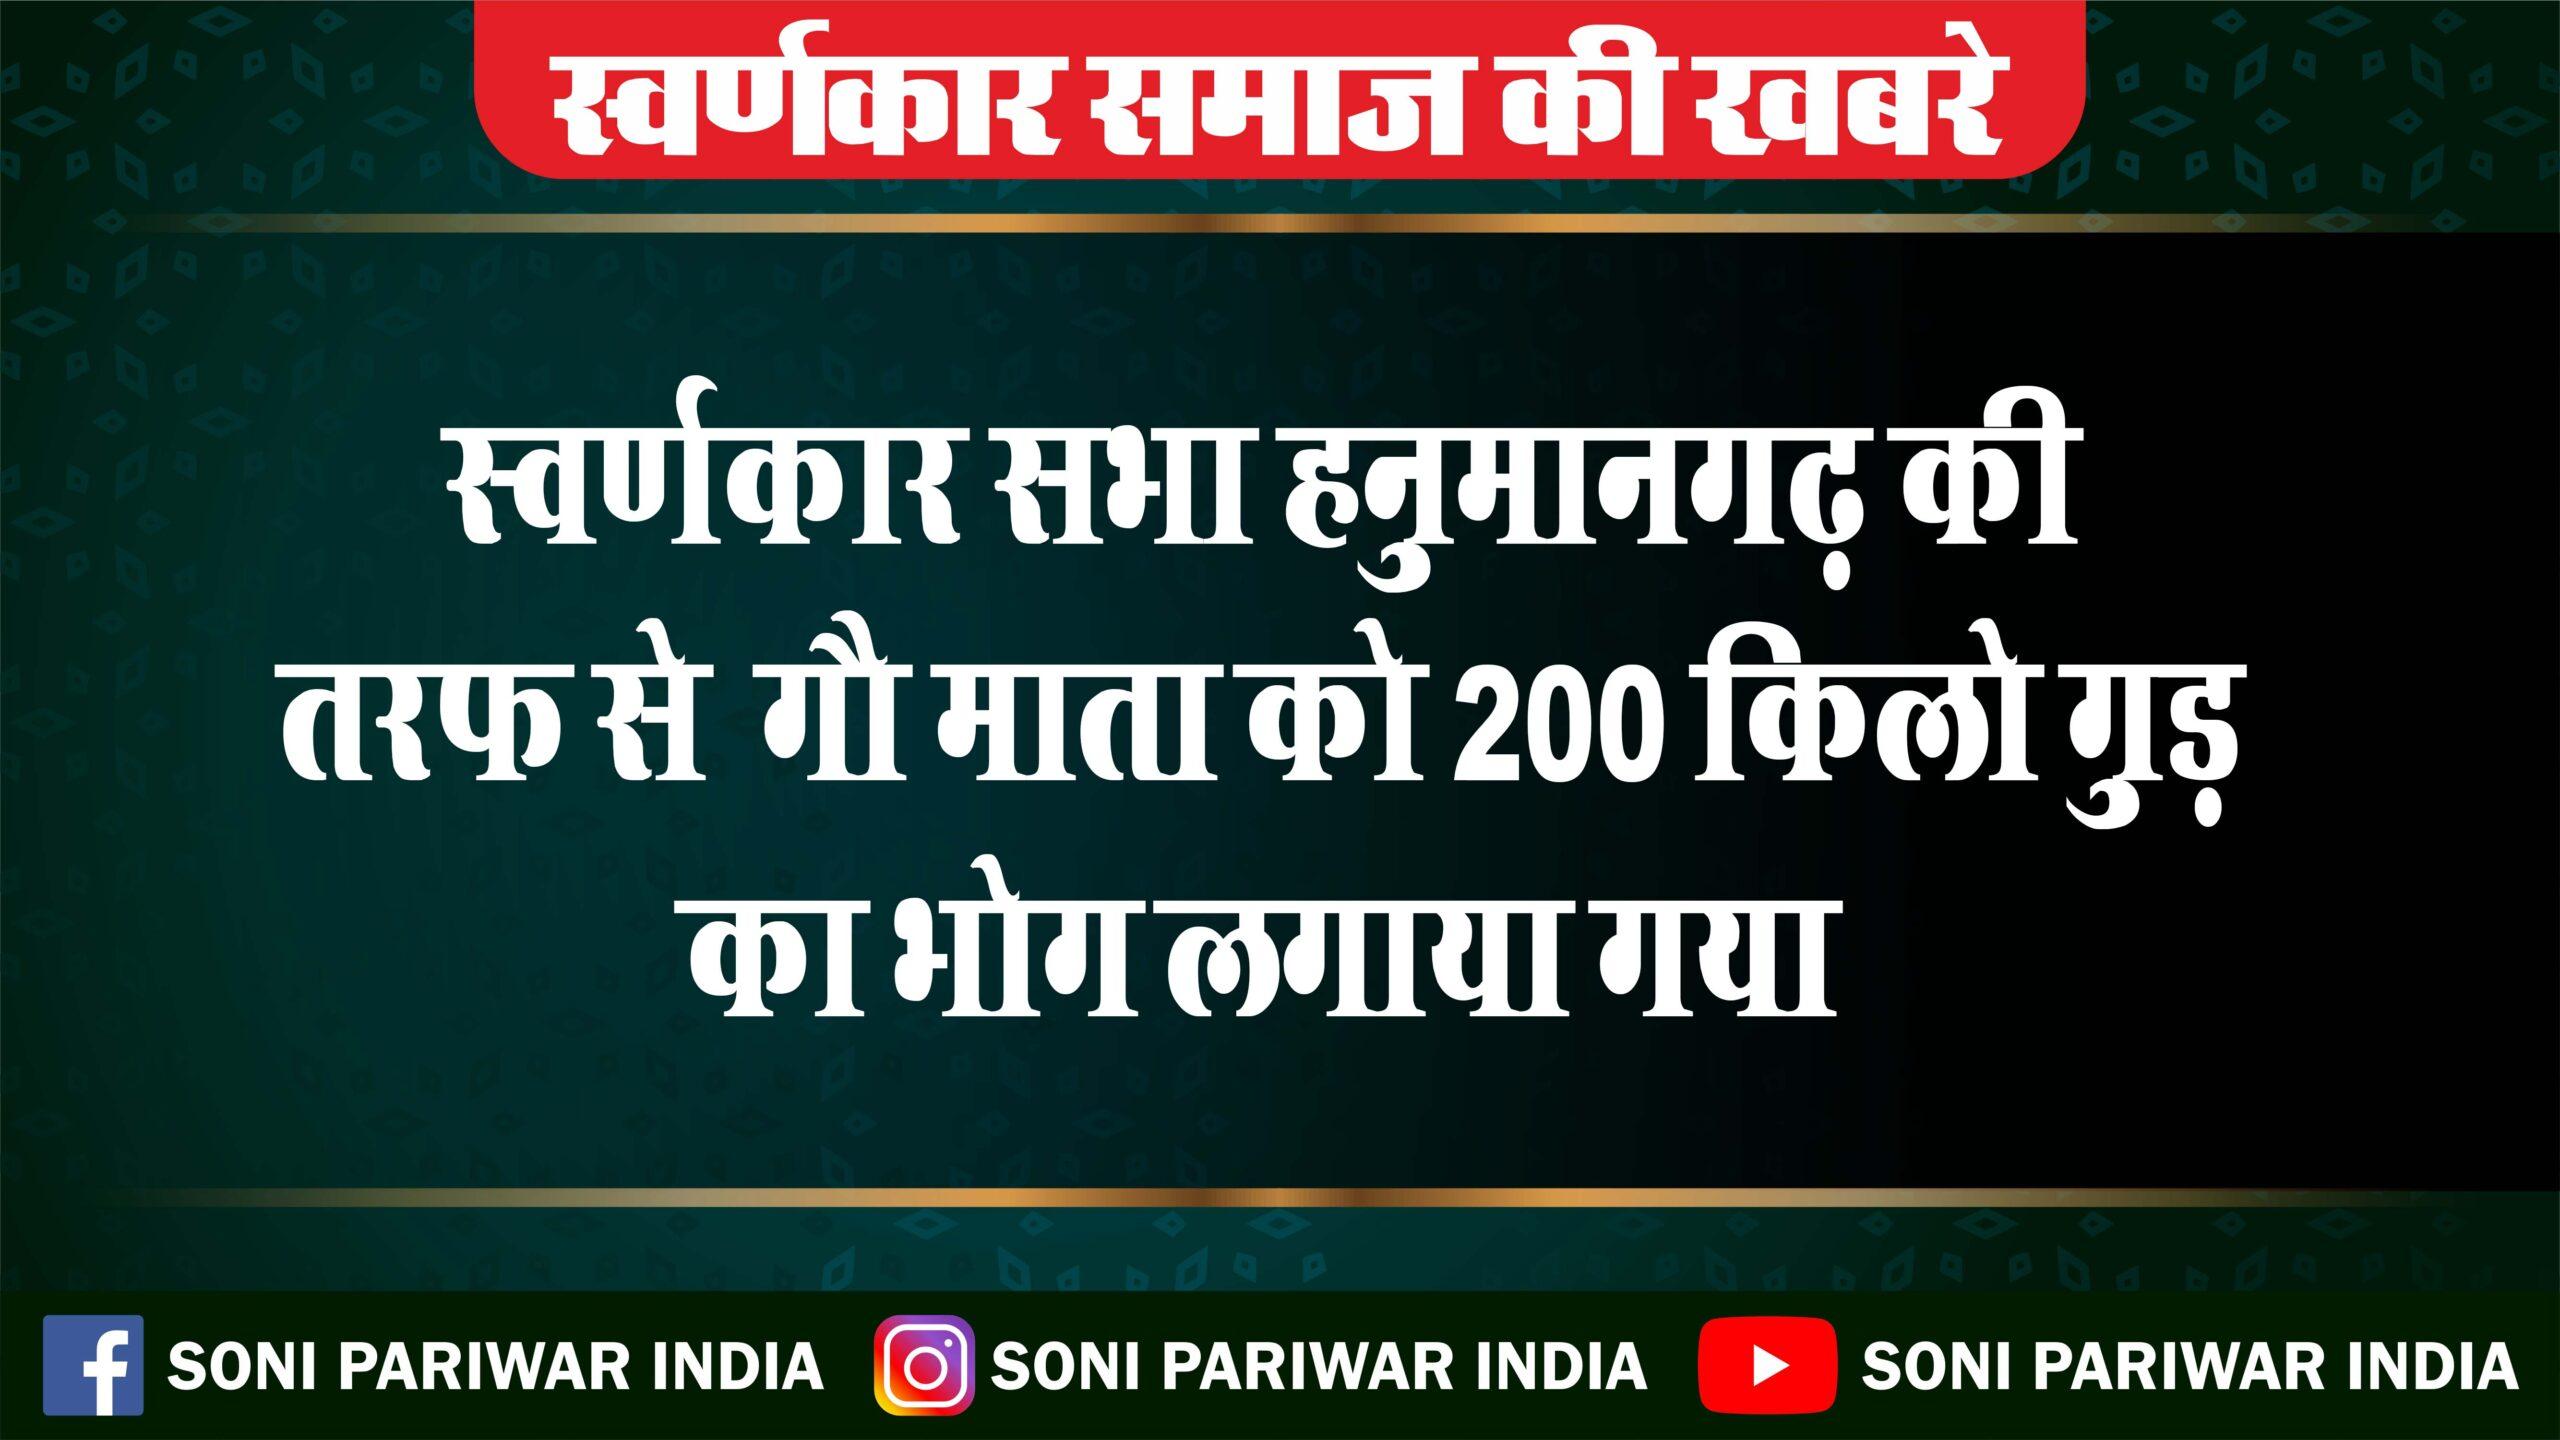 स्वर्णकार सभा हनुमानगढ़ की तरफ से गौ माता को 200 किलो गुड़ का भोग लगाया गया